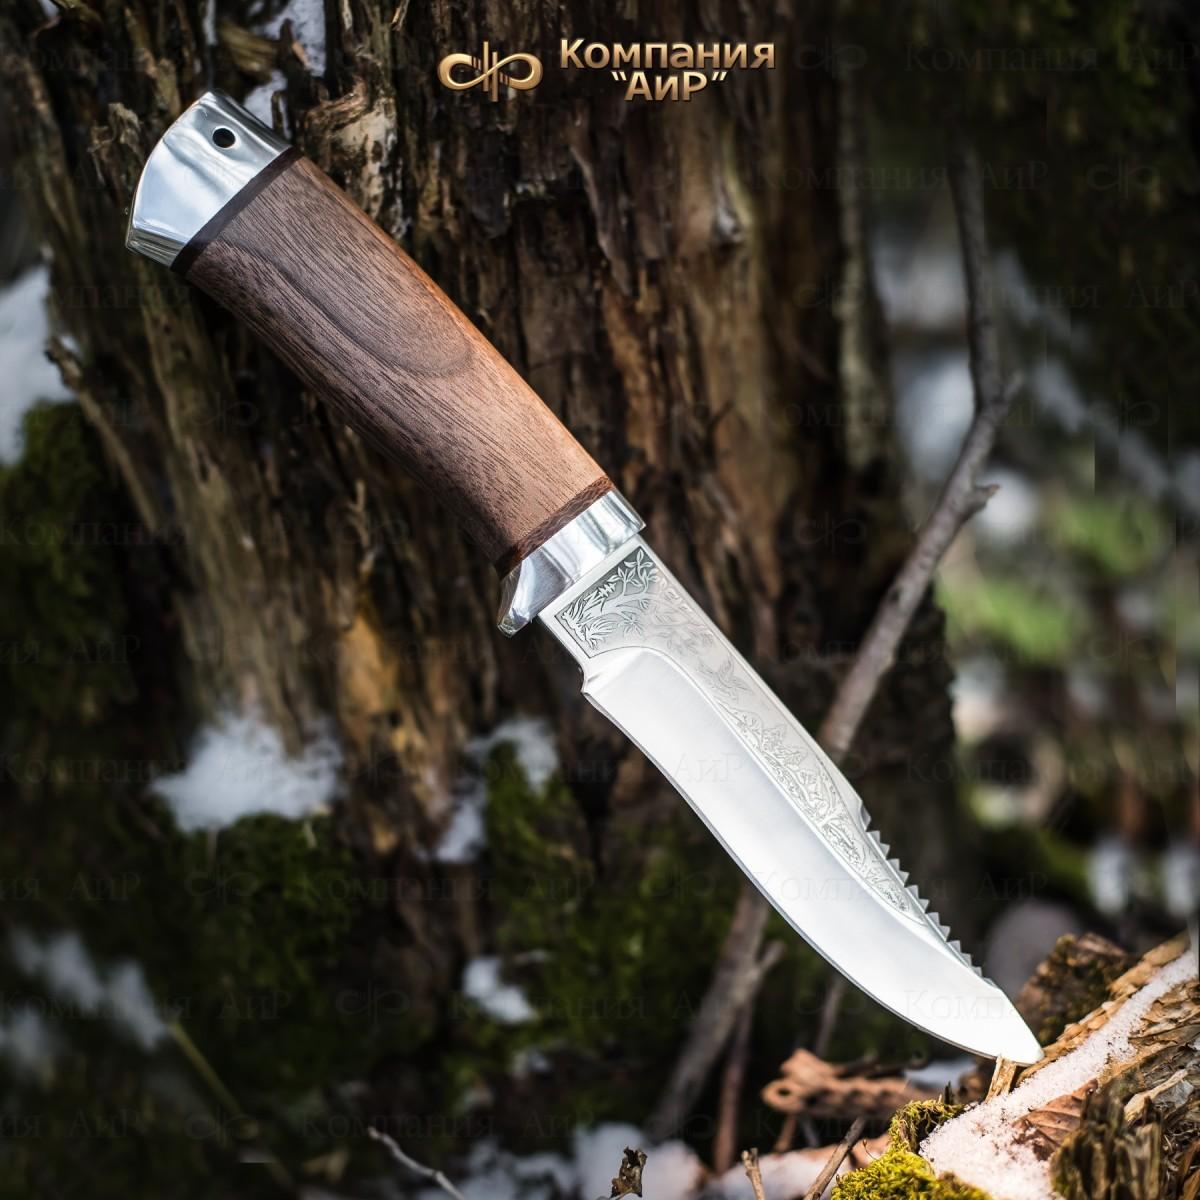 Фото - Нож АиР Стрелец, сталь М390, рукоять дерево нож кукри nepal kukri house sirupate 15 сталь 1095 carbon steel рукоять красное дерево